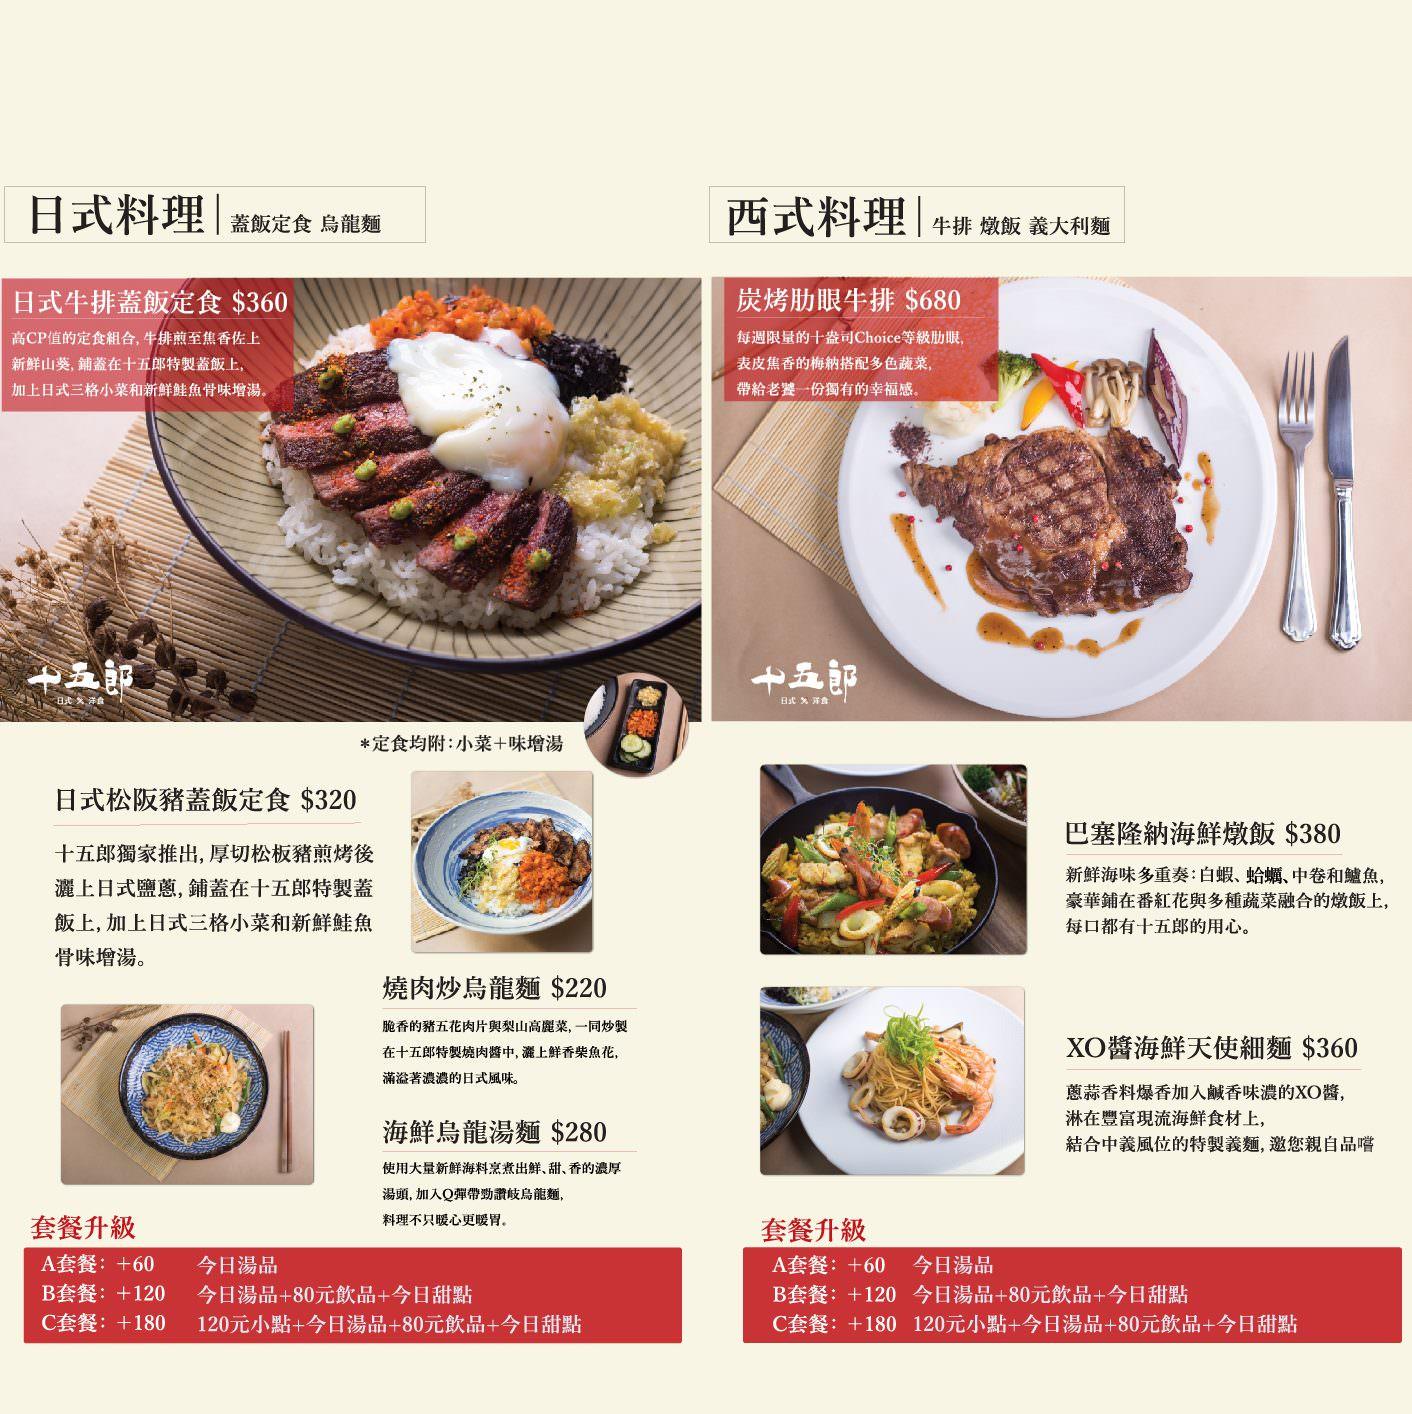 內湖美食 十五郎日式洋食菜單